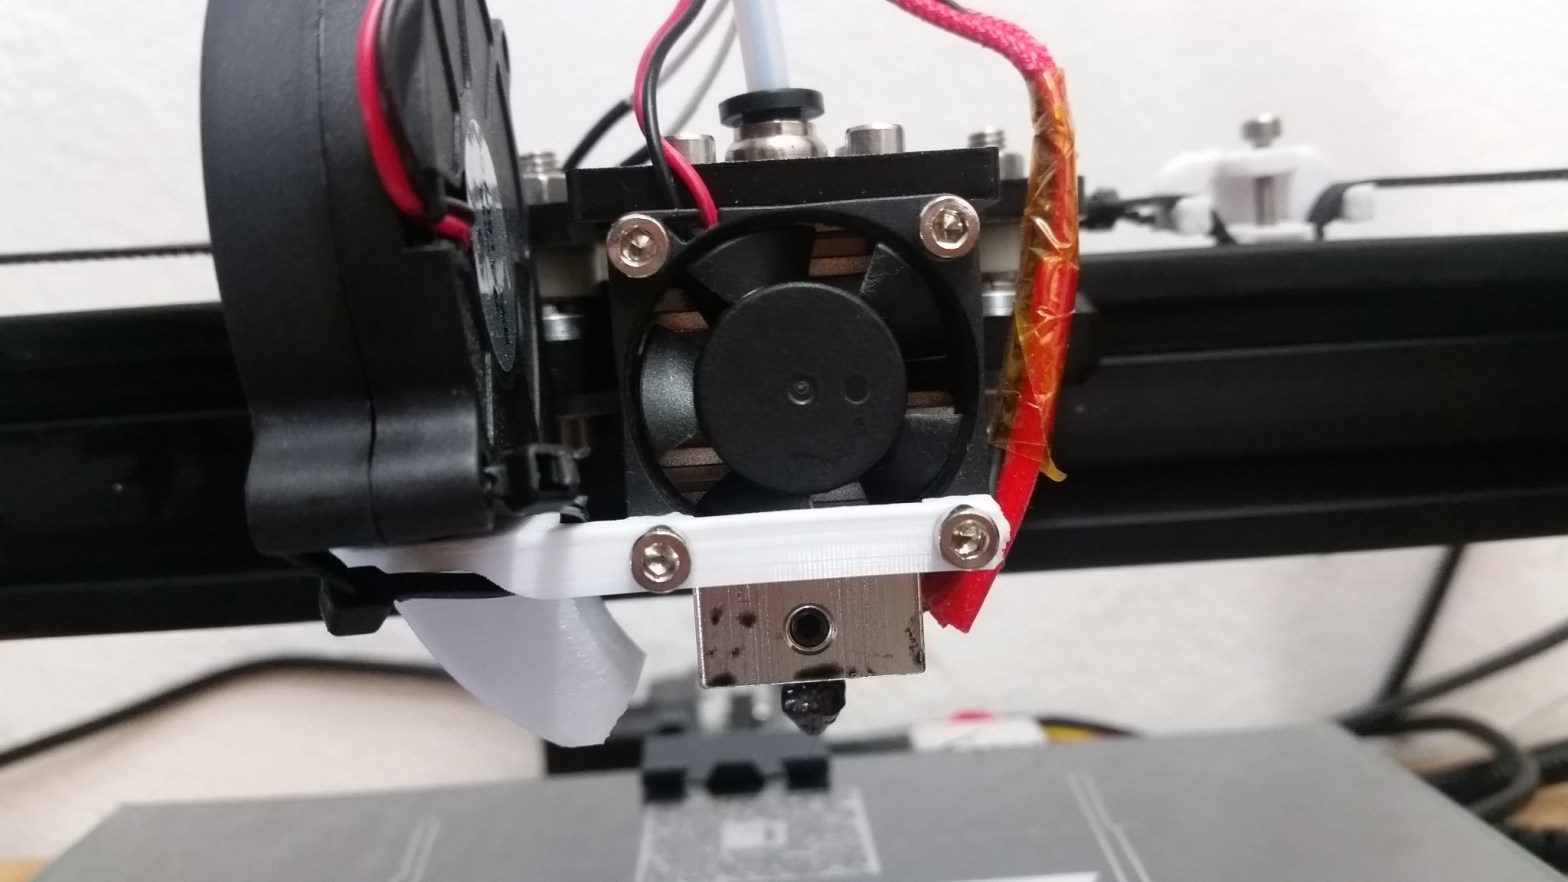 Die Sache mit dem 3D-Druck